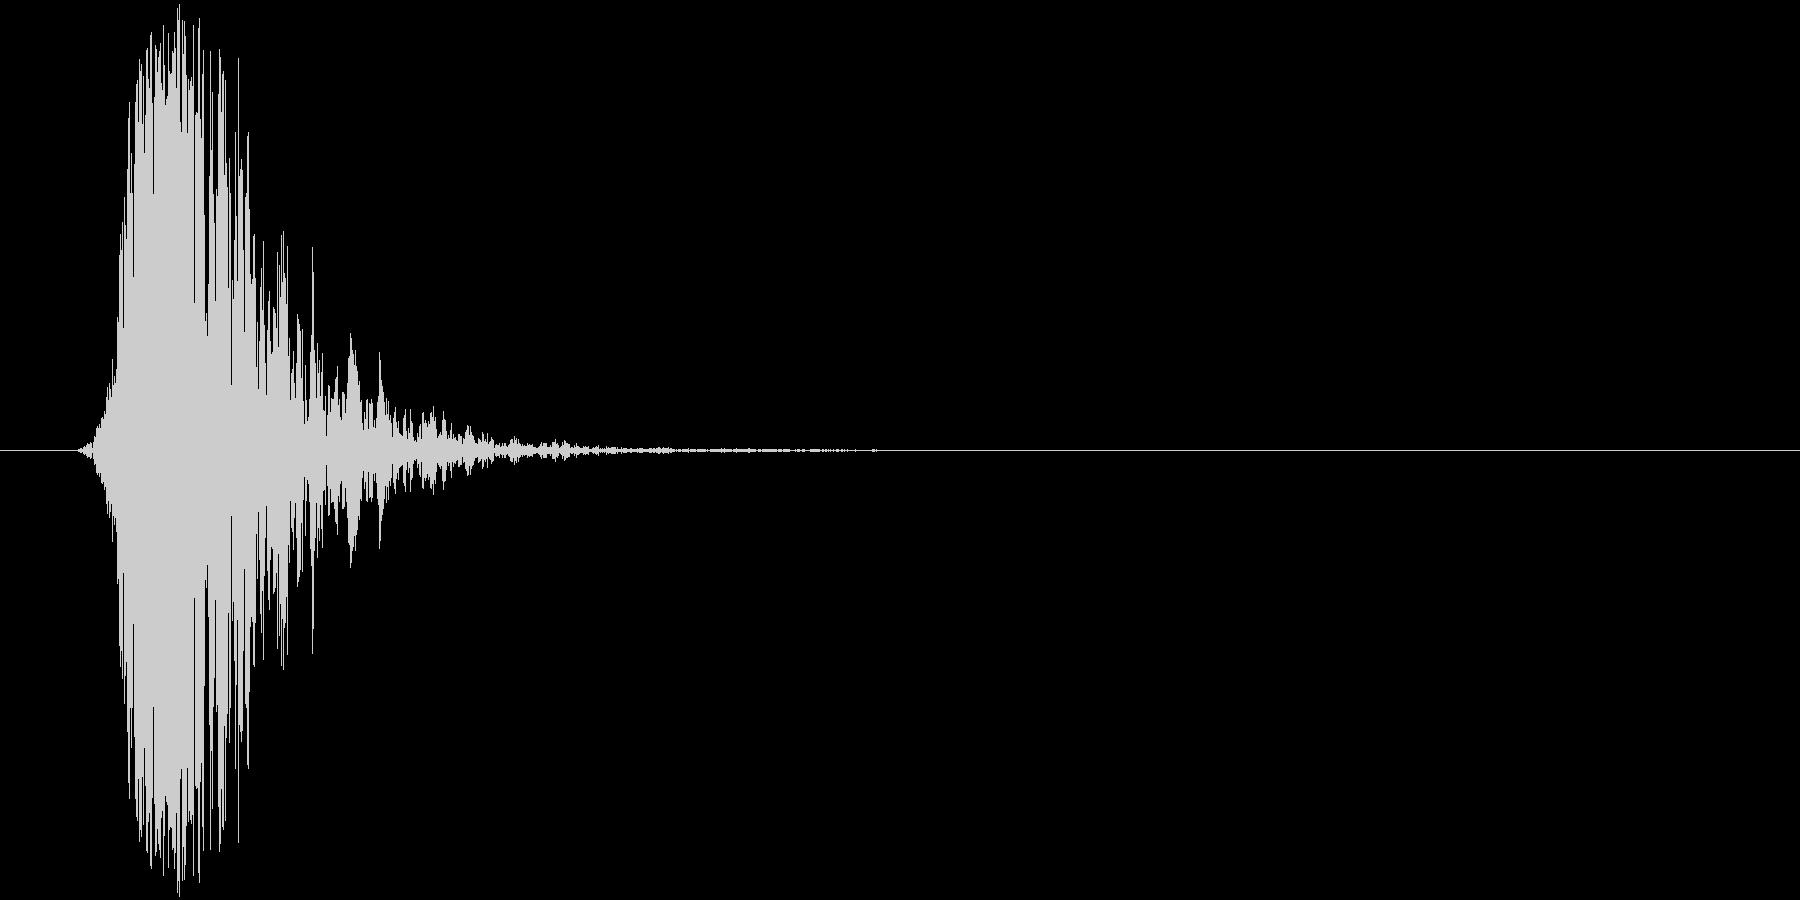 フォンッ!(空振り音)の未再生の波形